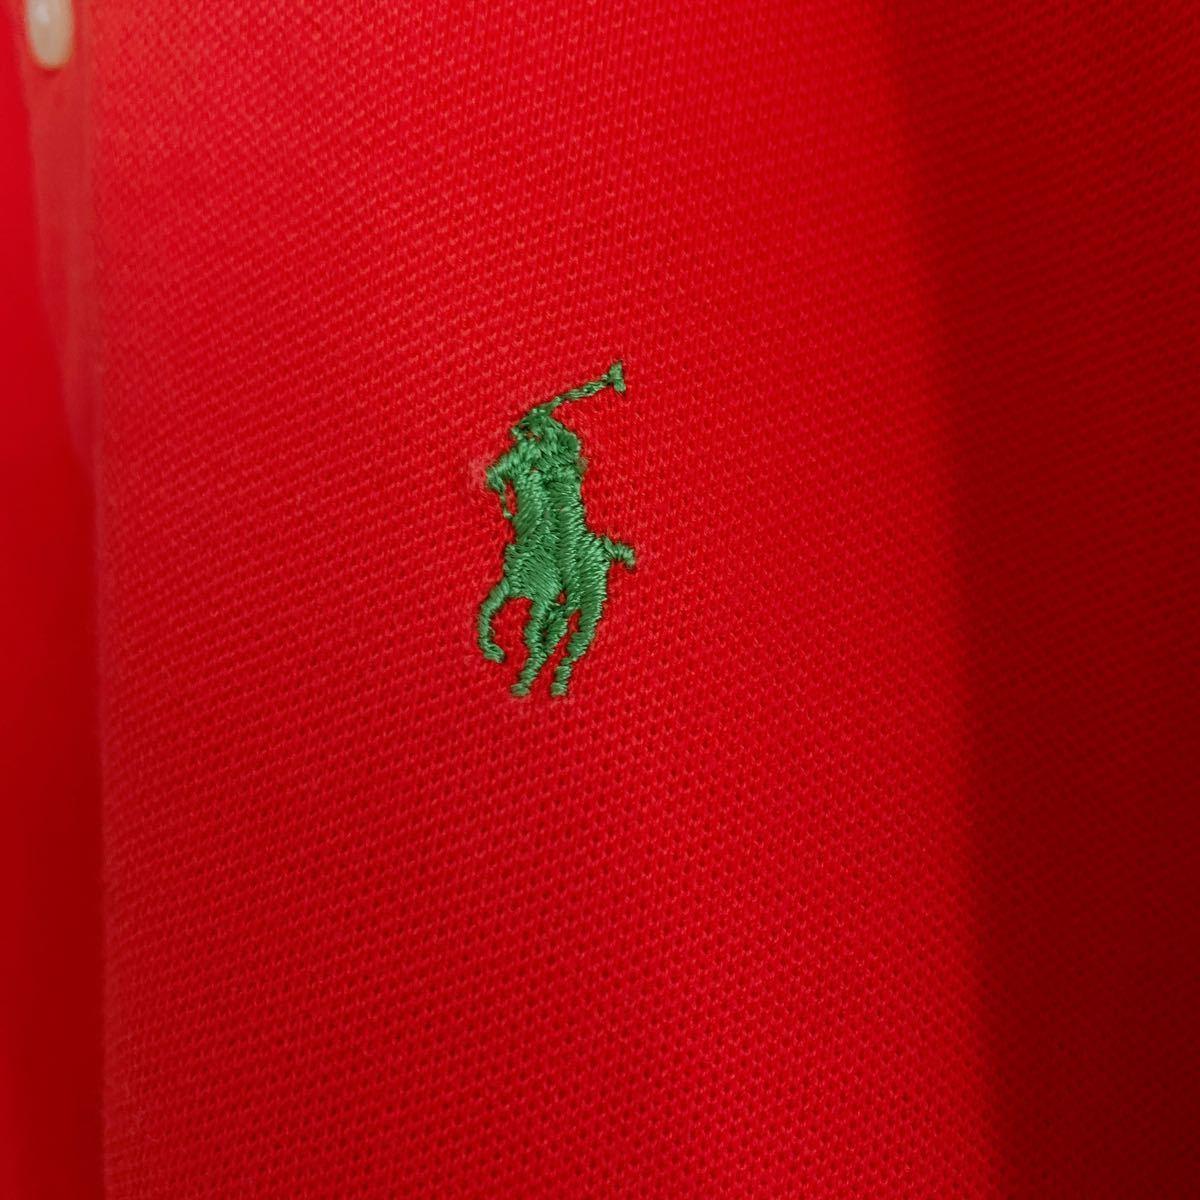 ポロラルフローレン フロント刺繍ポロシャツ